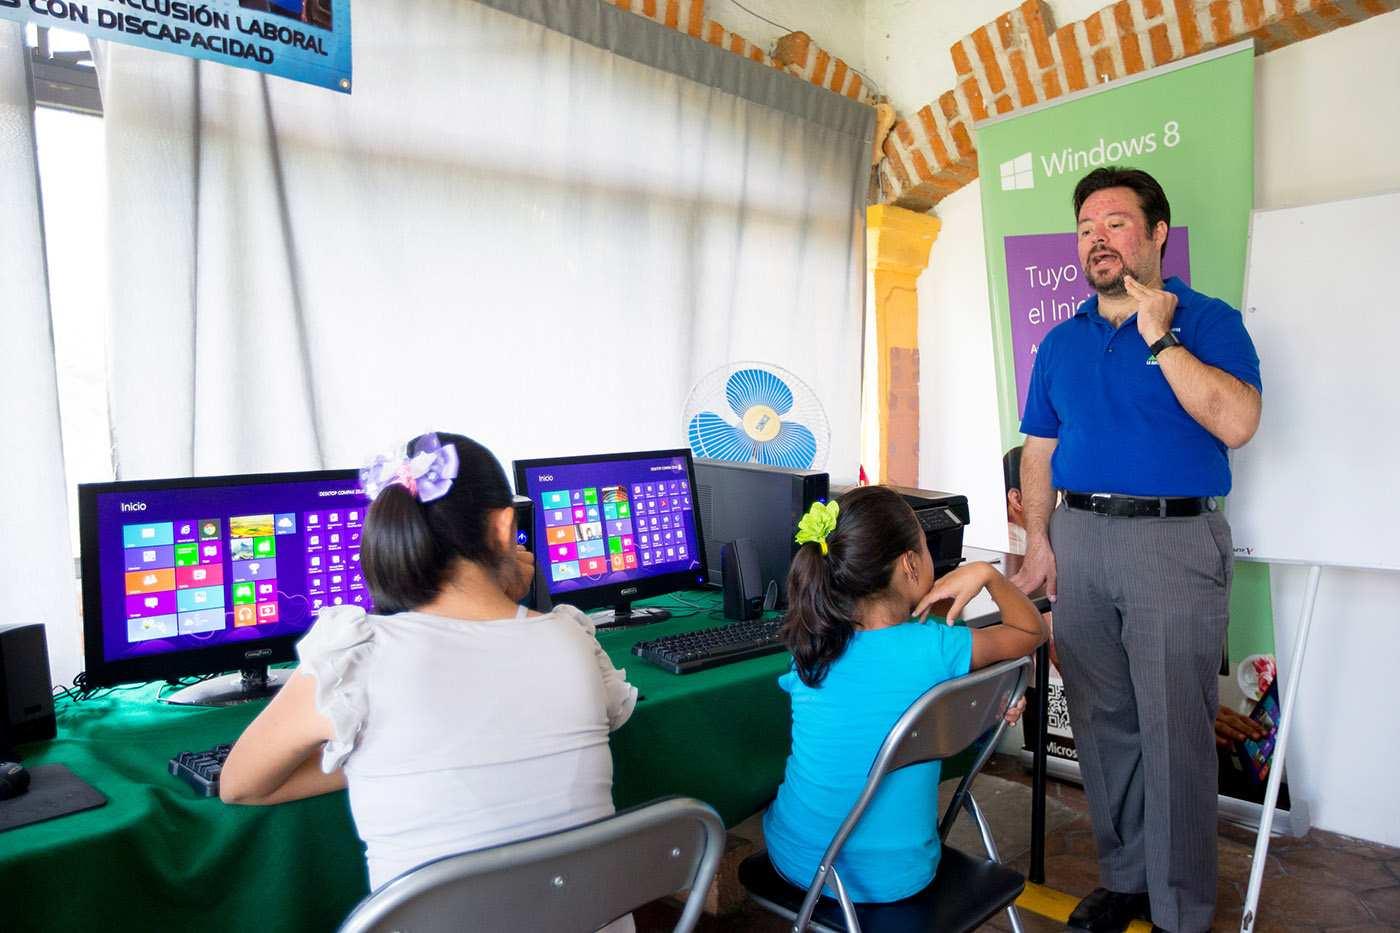 Carlos De Saro, a Down szindrómás számítástecnika tanár munka közben